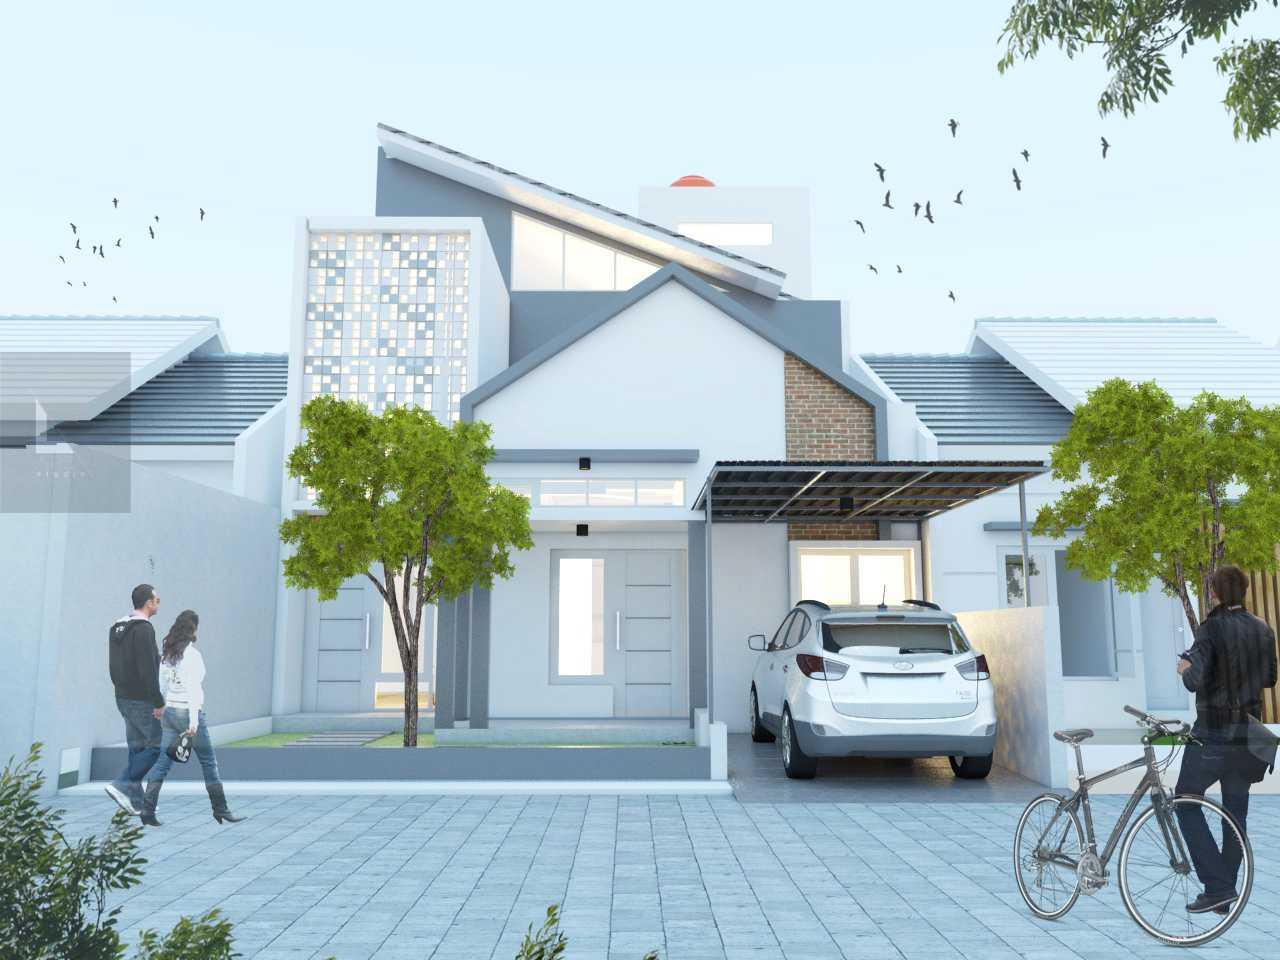 Arz Studio Pekerjaan Renovasi Rumah Bapak Apri  Singosari, Malang, Jawa Timur, Indonesia Singosari, Malang, Jawa Timur, Indonesia Pcc2 Minimalis  42682